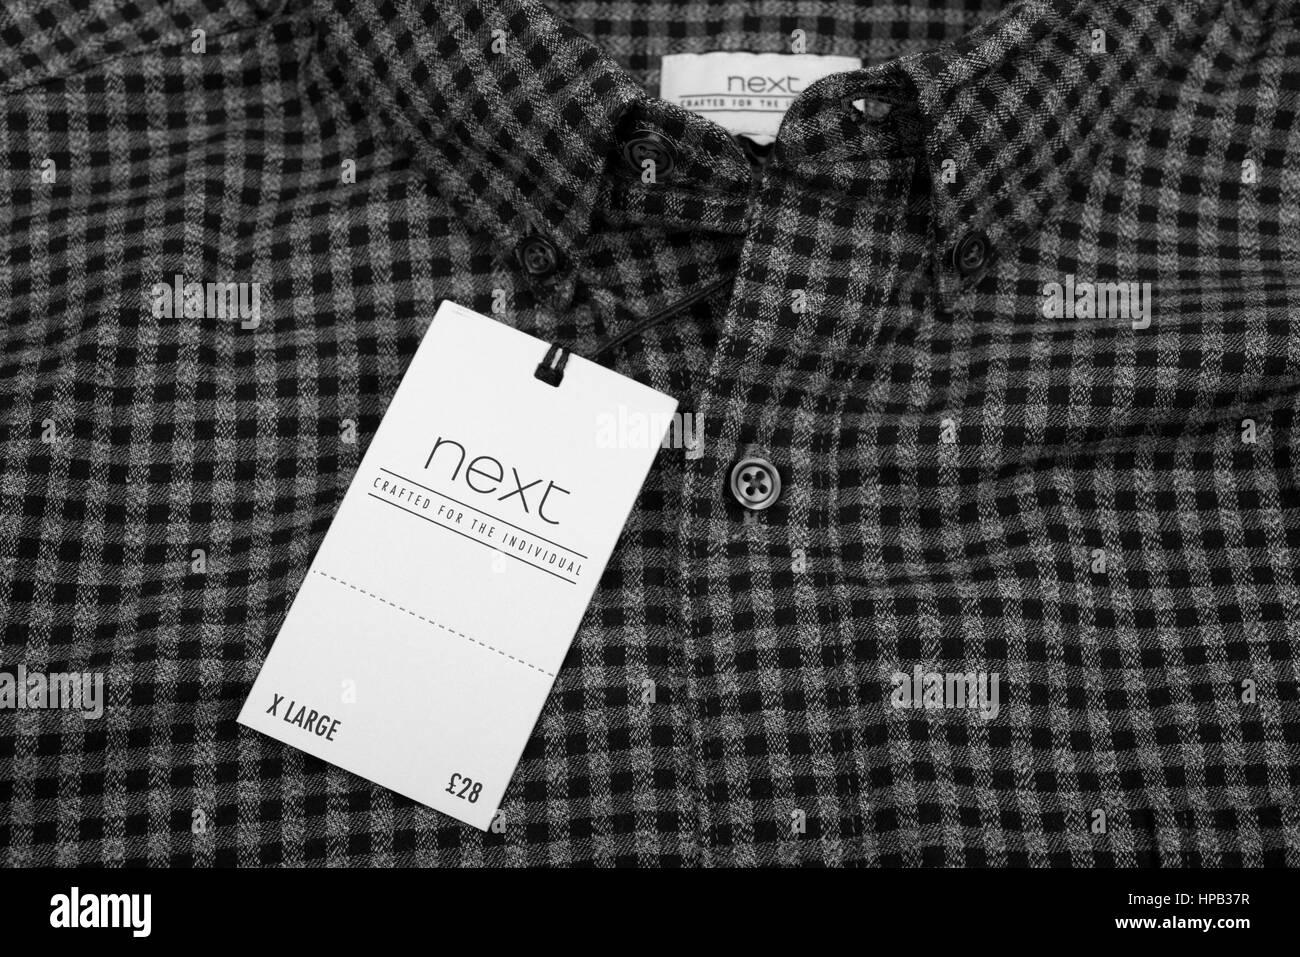 Next mens shirt - Stock Image